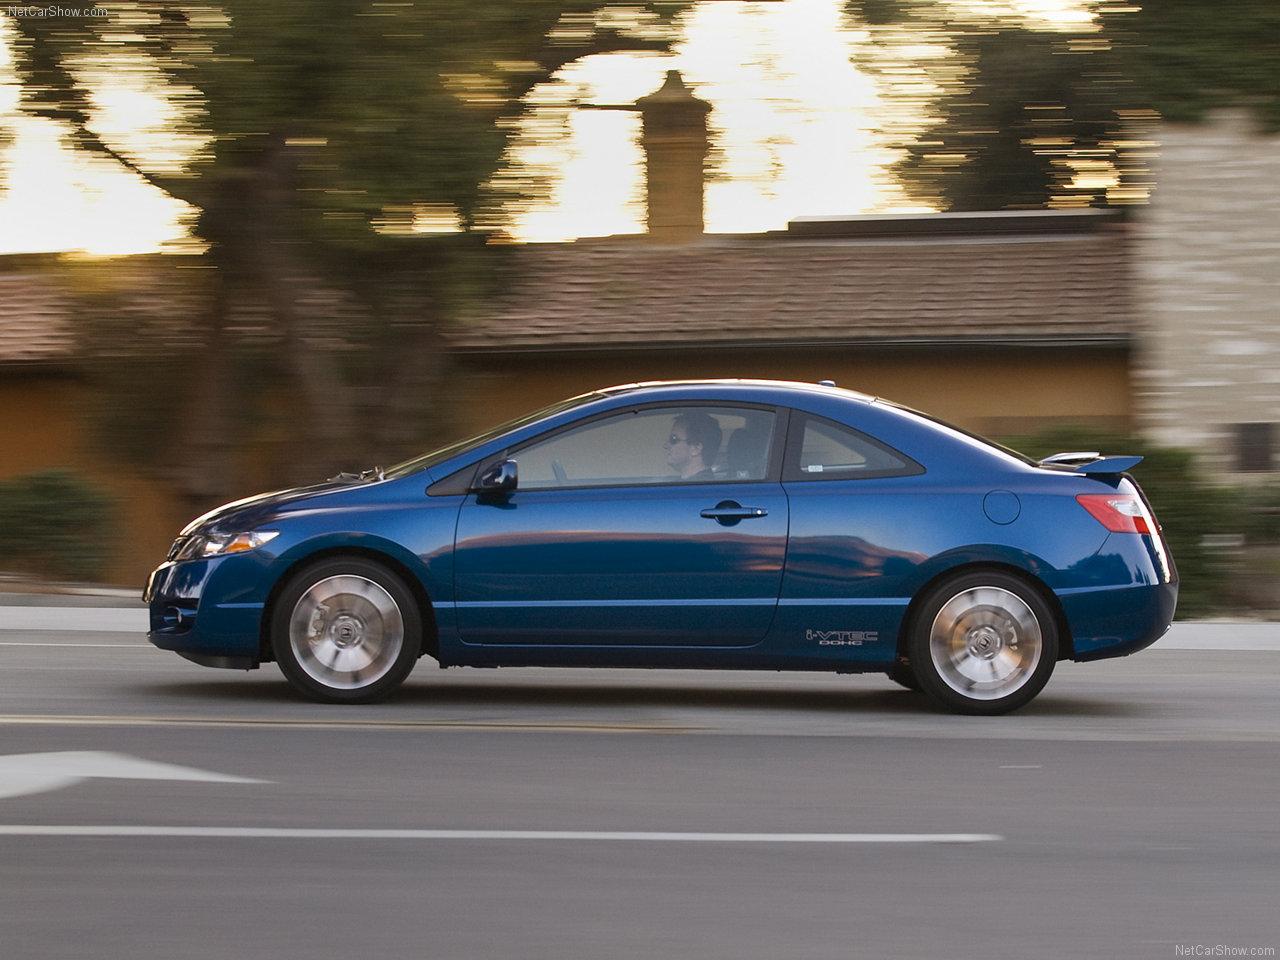 Honda Civic Si Coupe Wallpaper PicsWallpapercom 1280x960